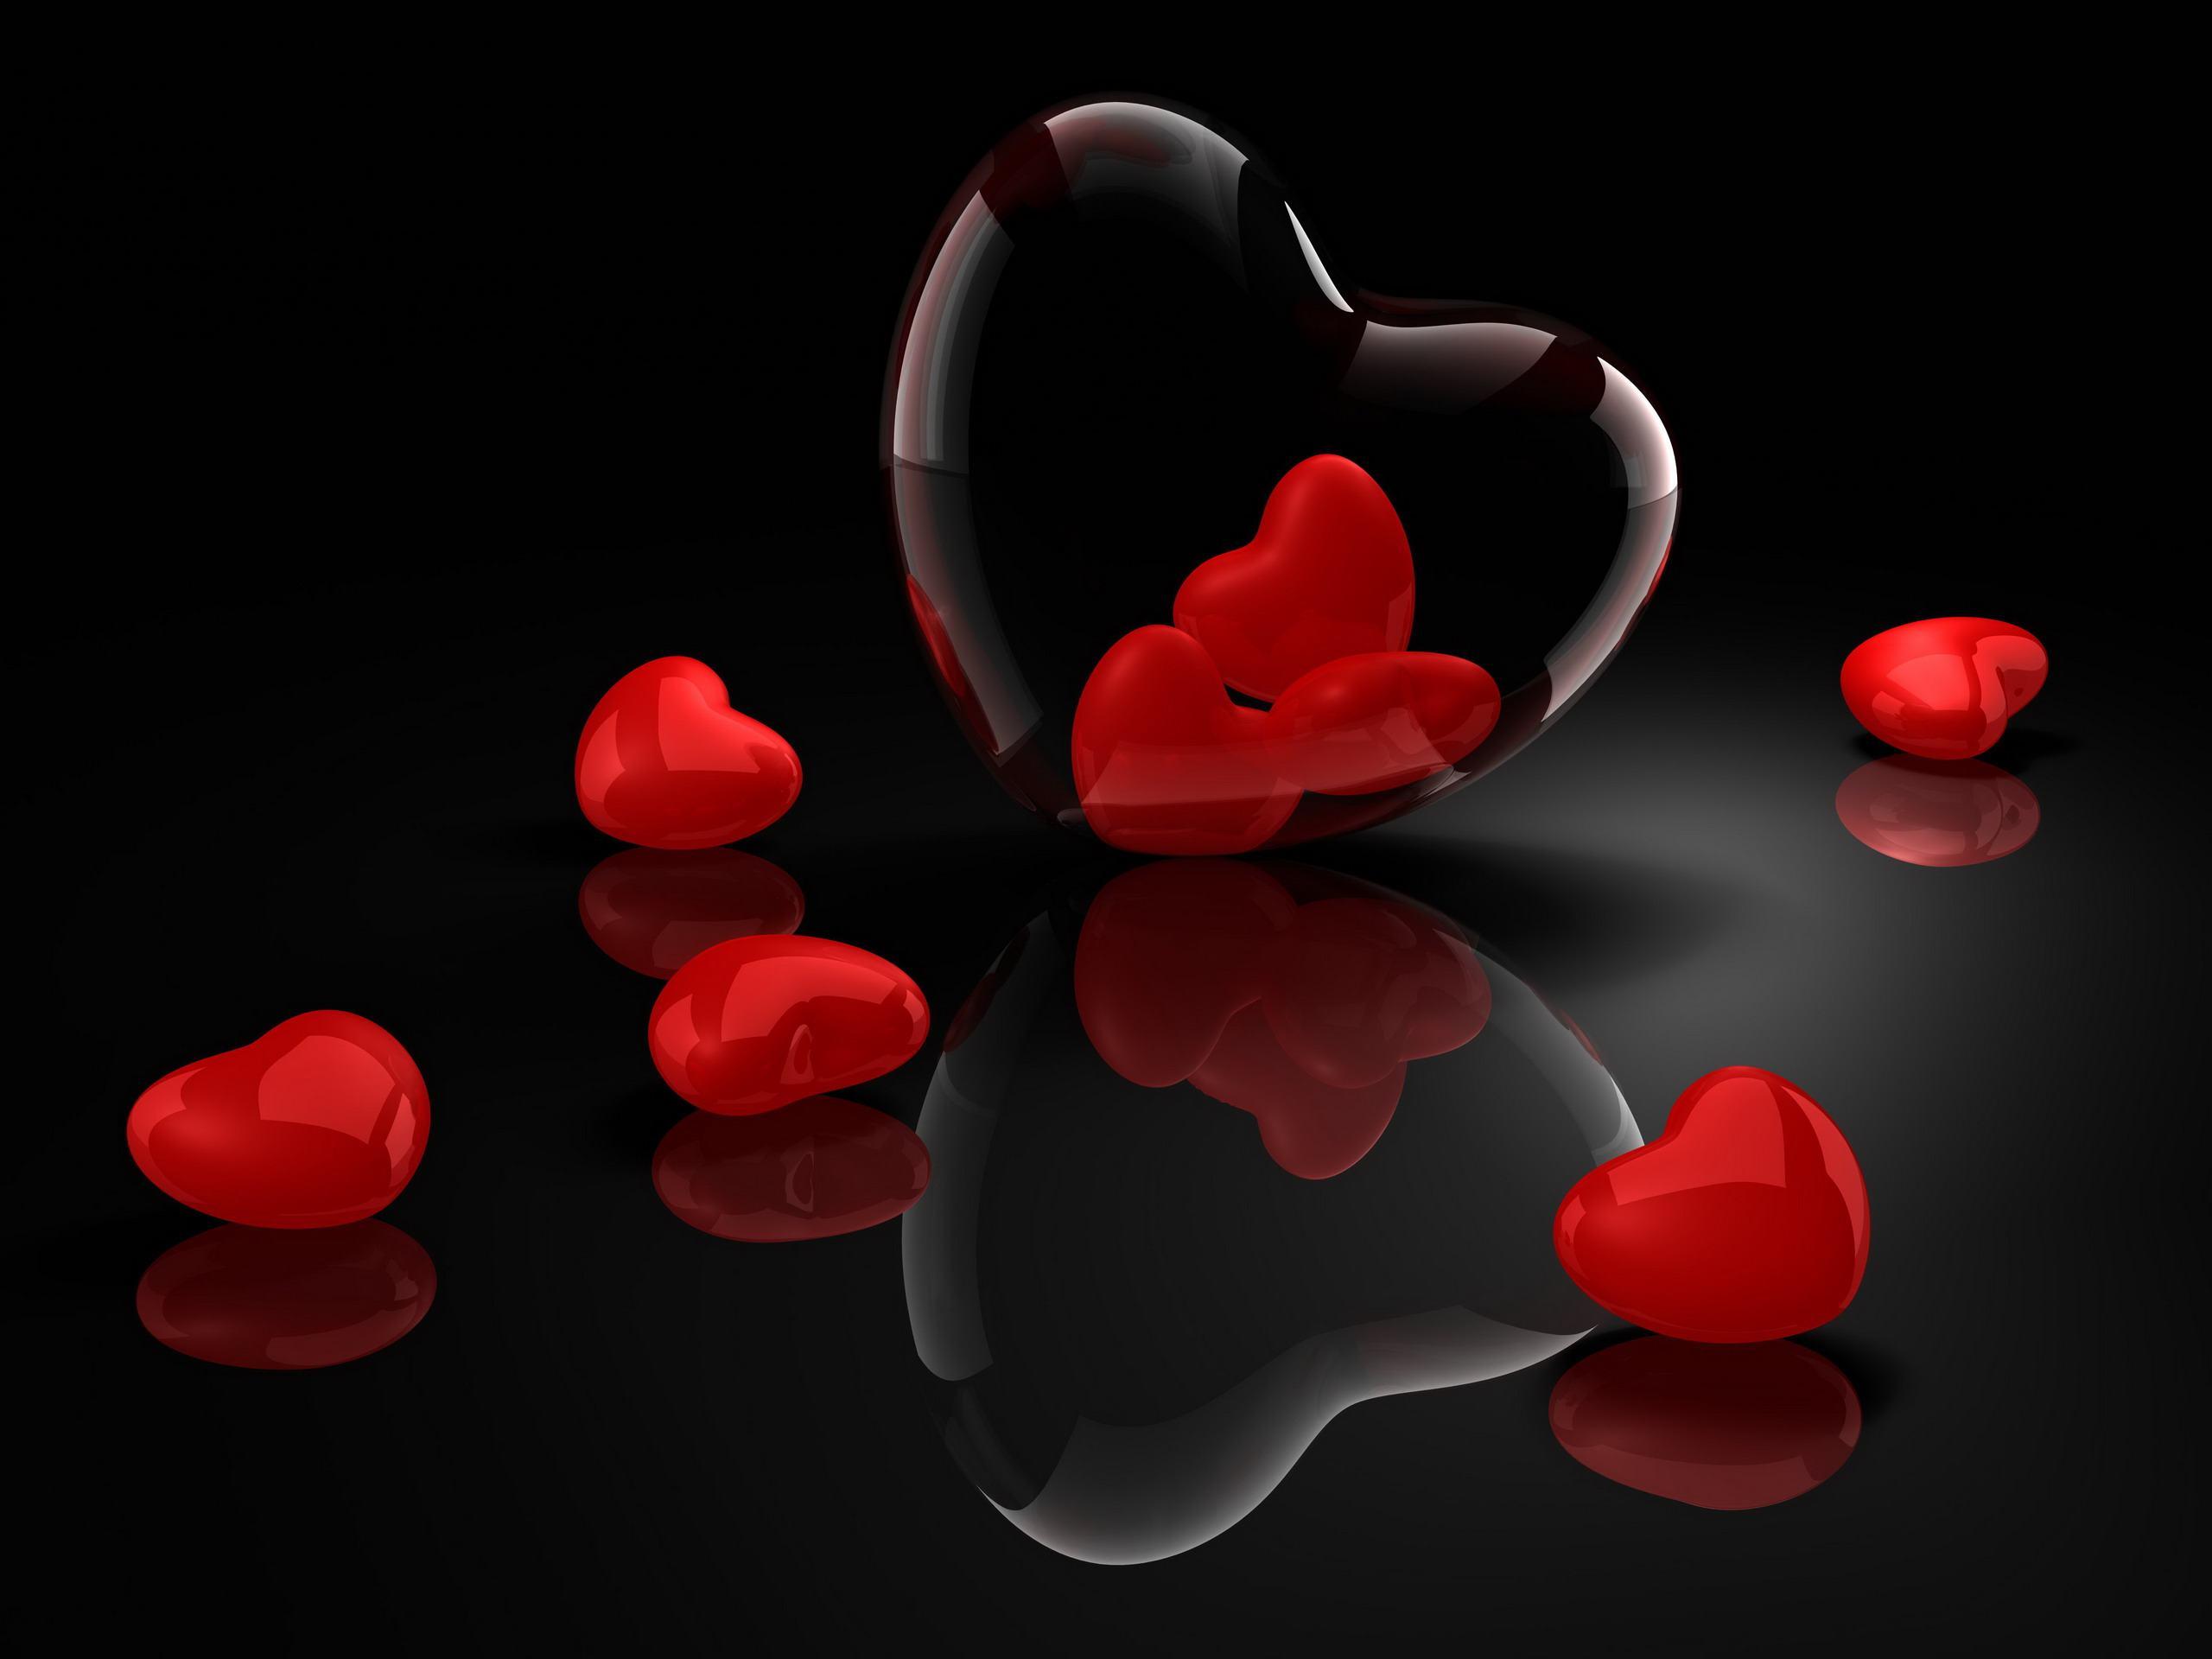 любовь сердце белое  № 1590554 бесплатно